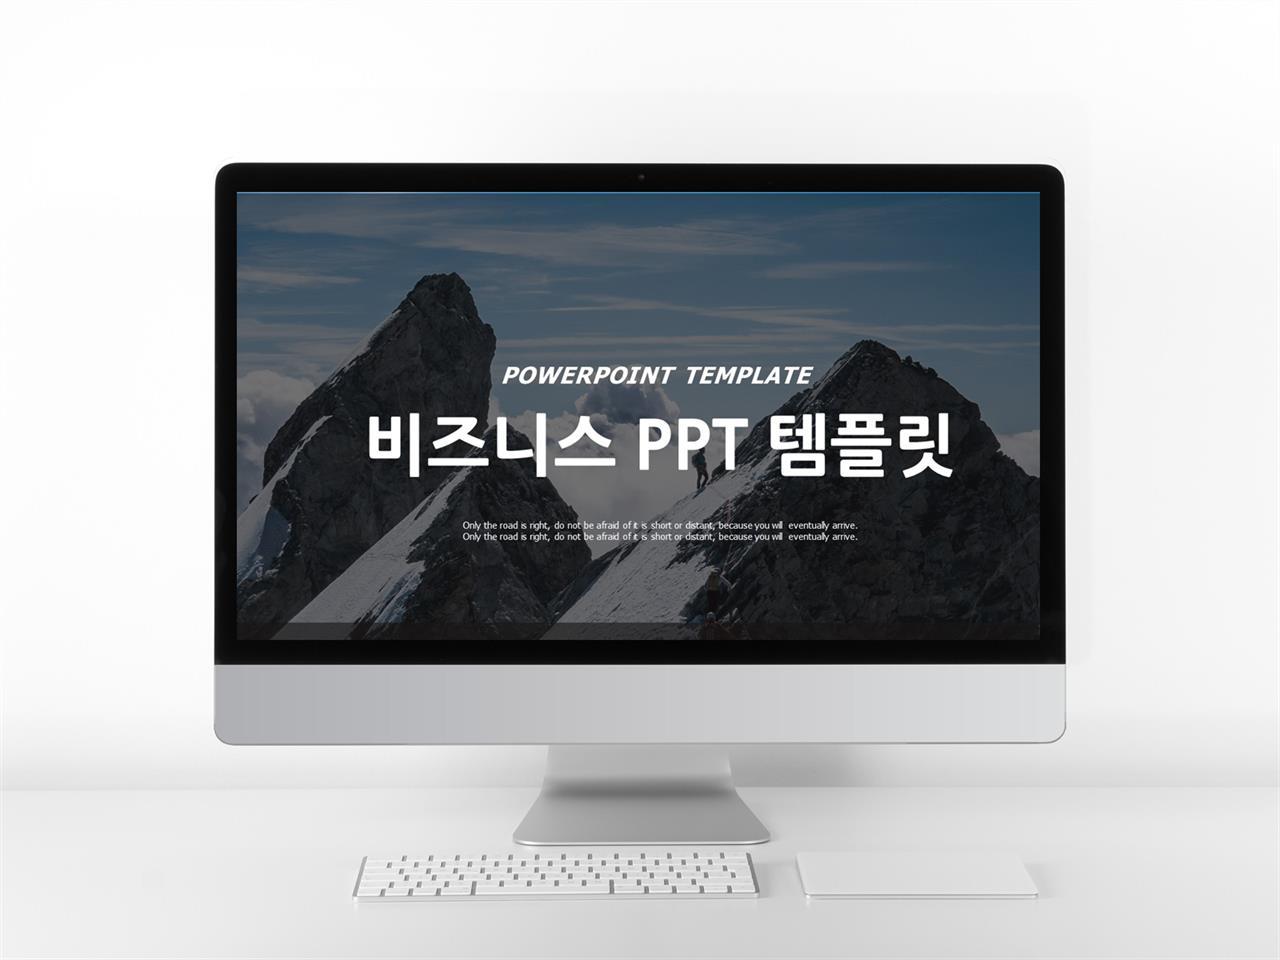 경제금융 검정색 패션느낌 발표용 PPT탬플릿 다운 미리보기